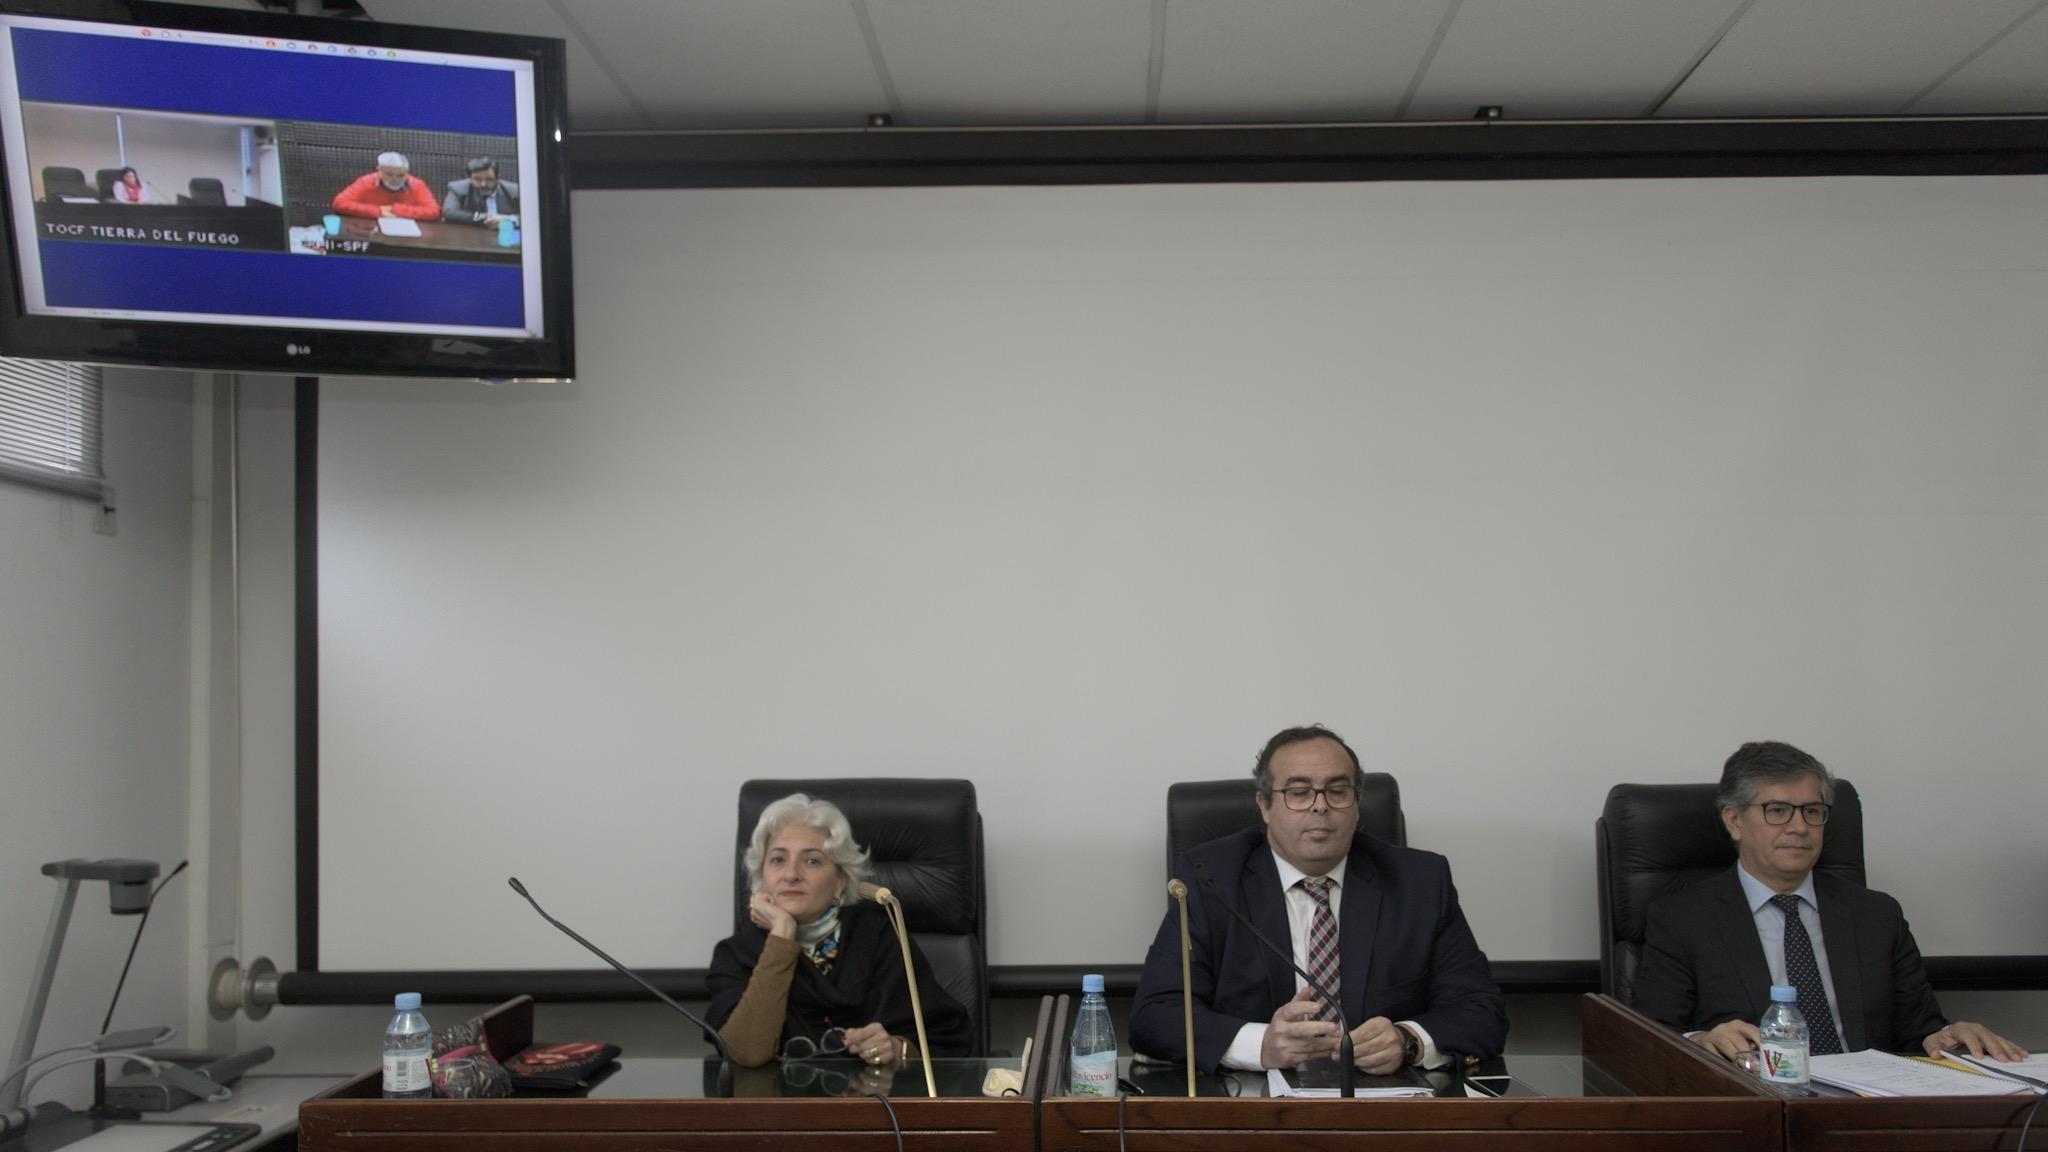 El tribunal que juzga a De Vido, con el ex ministro de fondo desde la cárcel de Marcos Paz (Adrián Escandar)